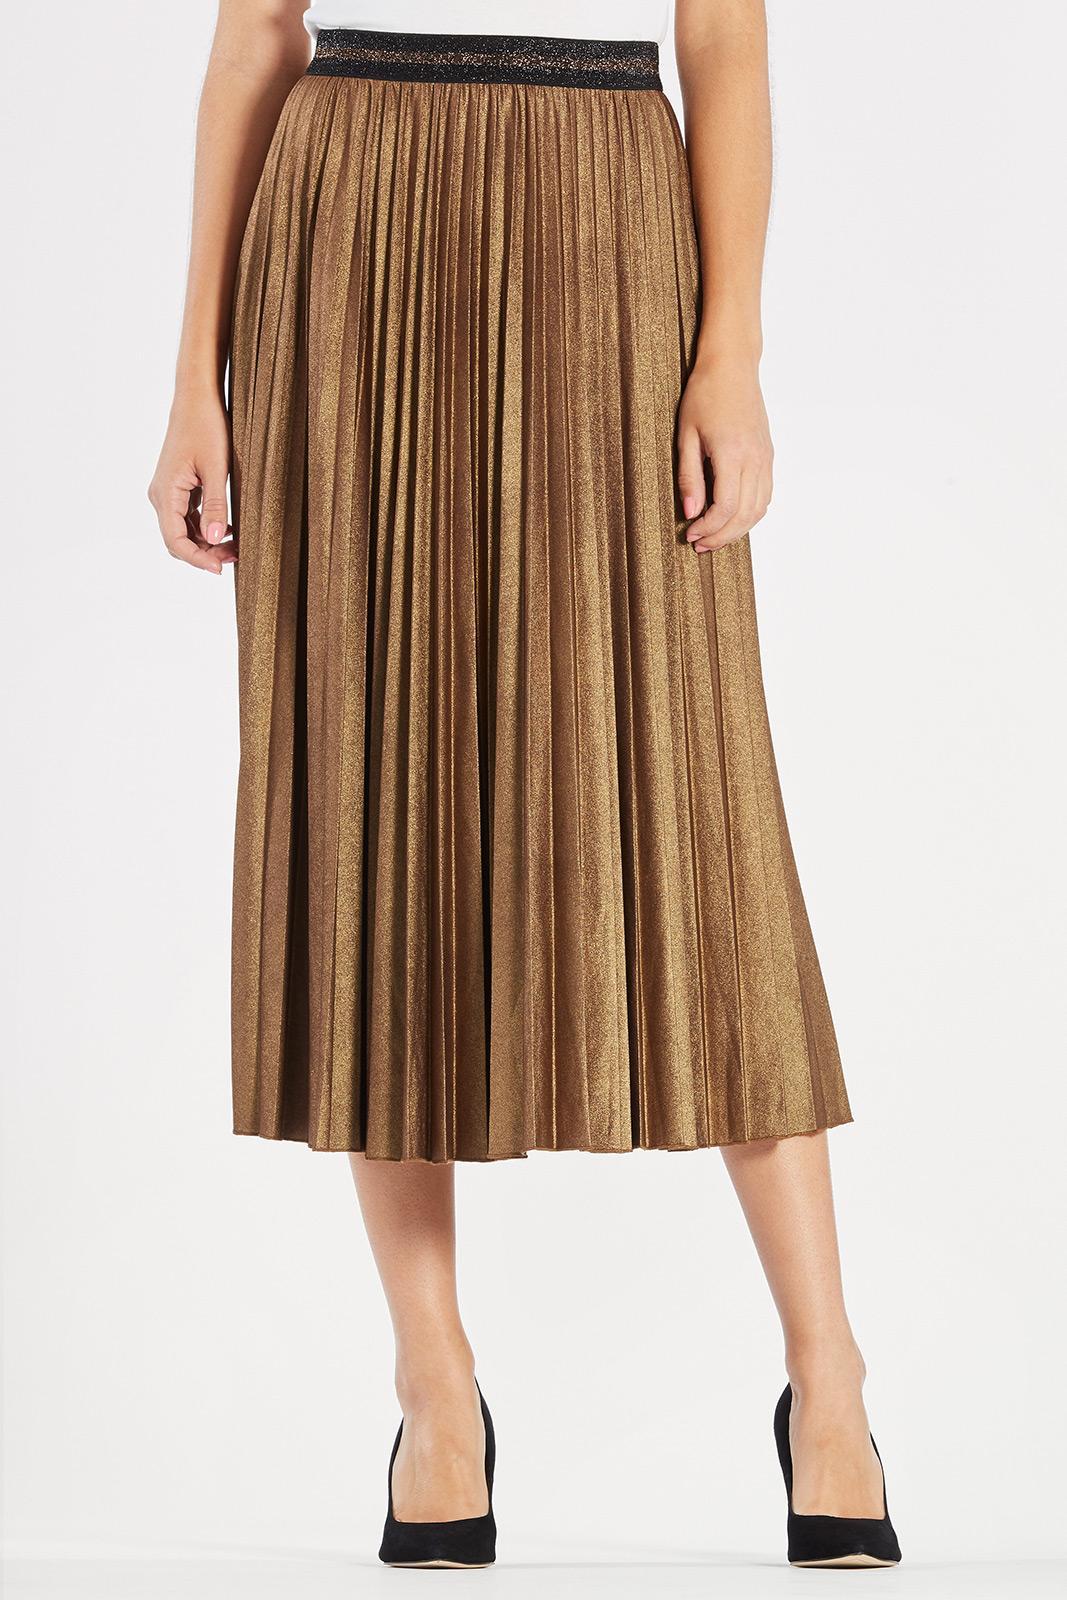 shine pleated skirt item # rt801-otr bqdnese